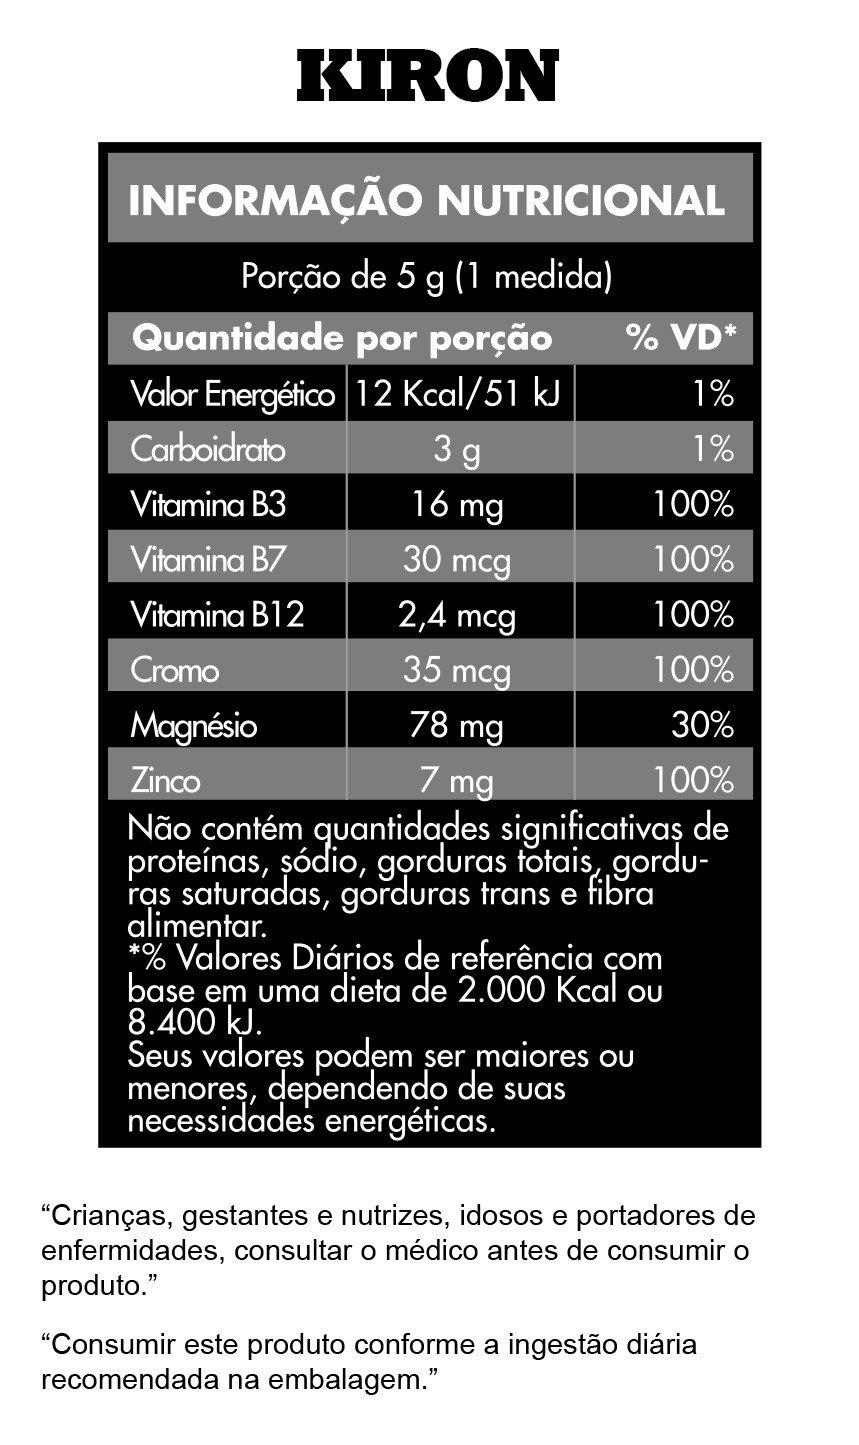 informações nutricionais kiron